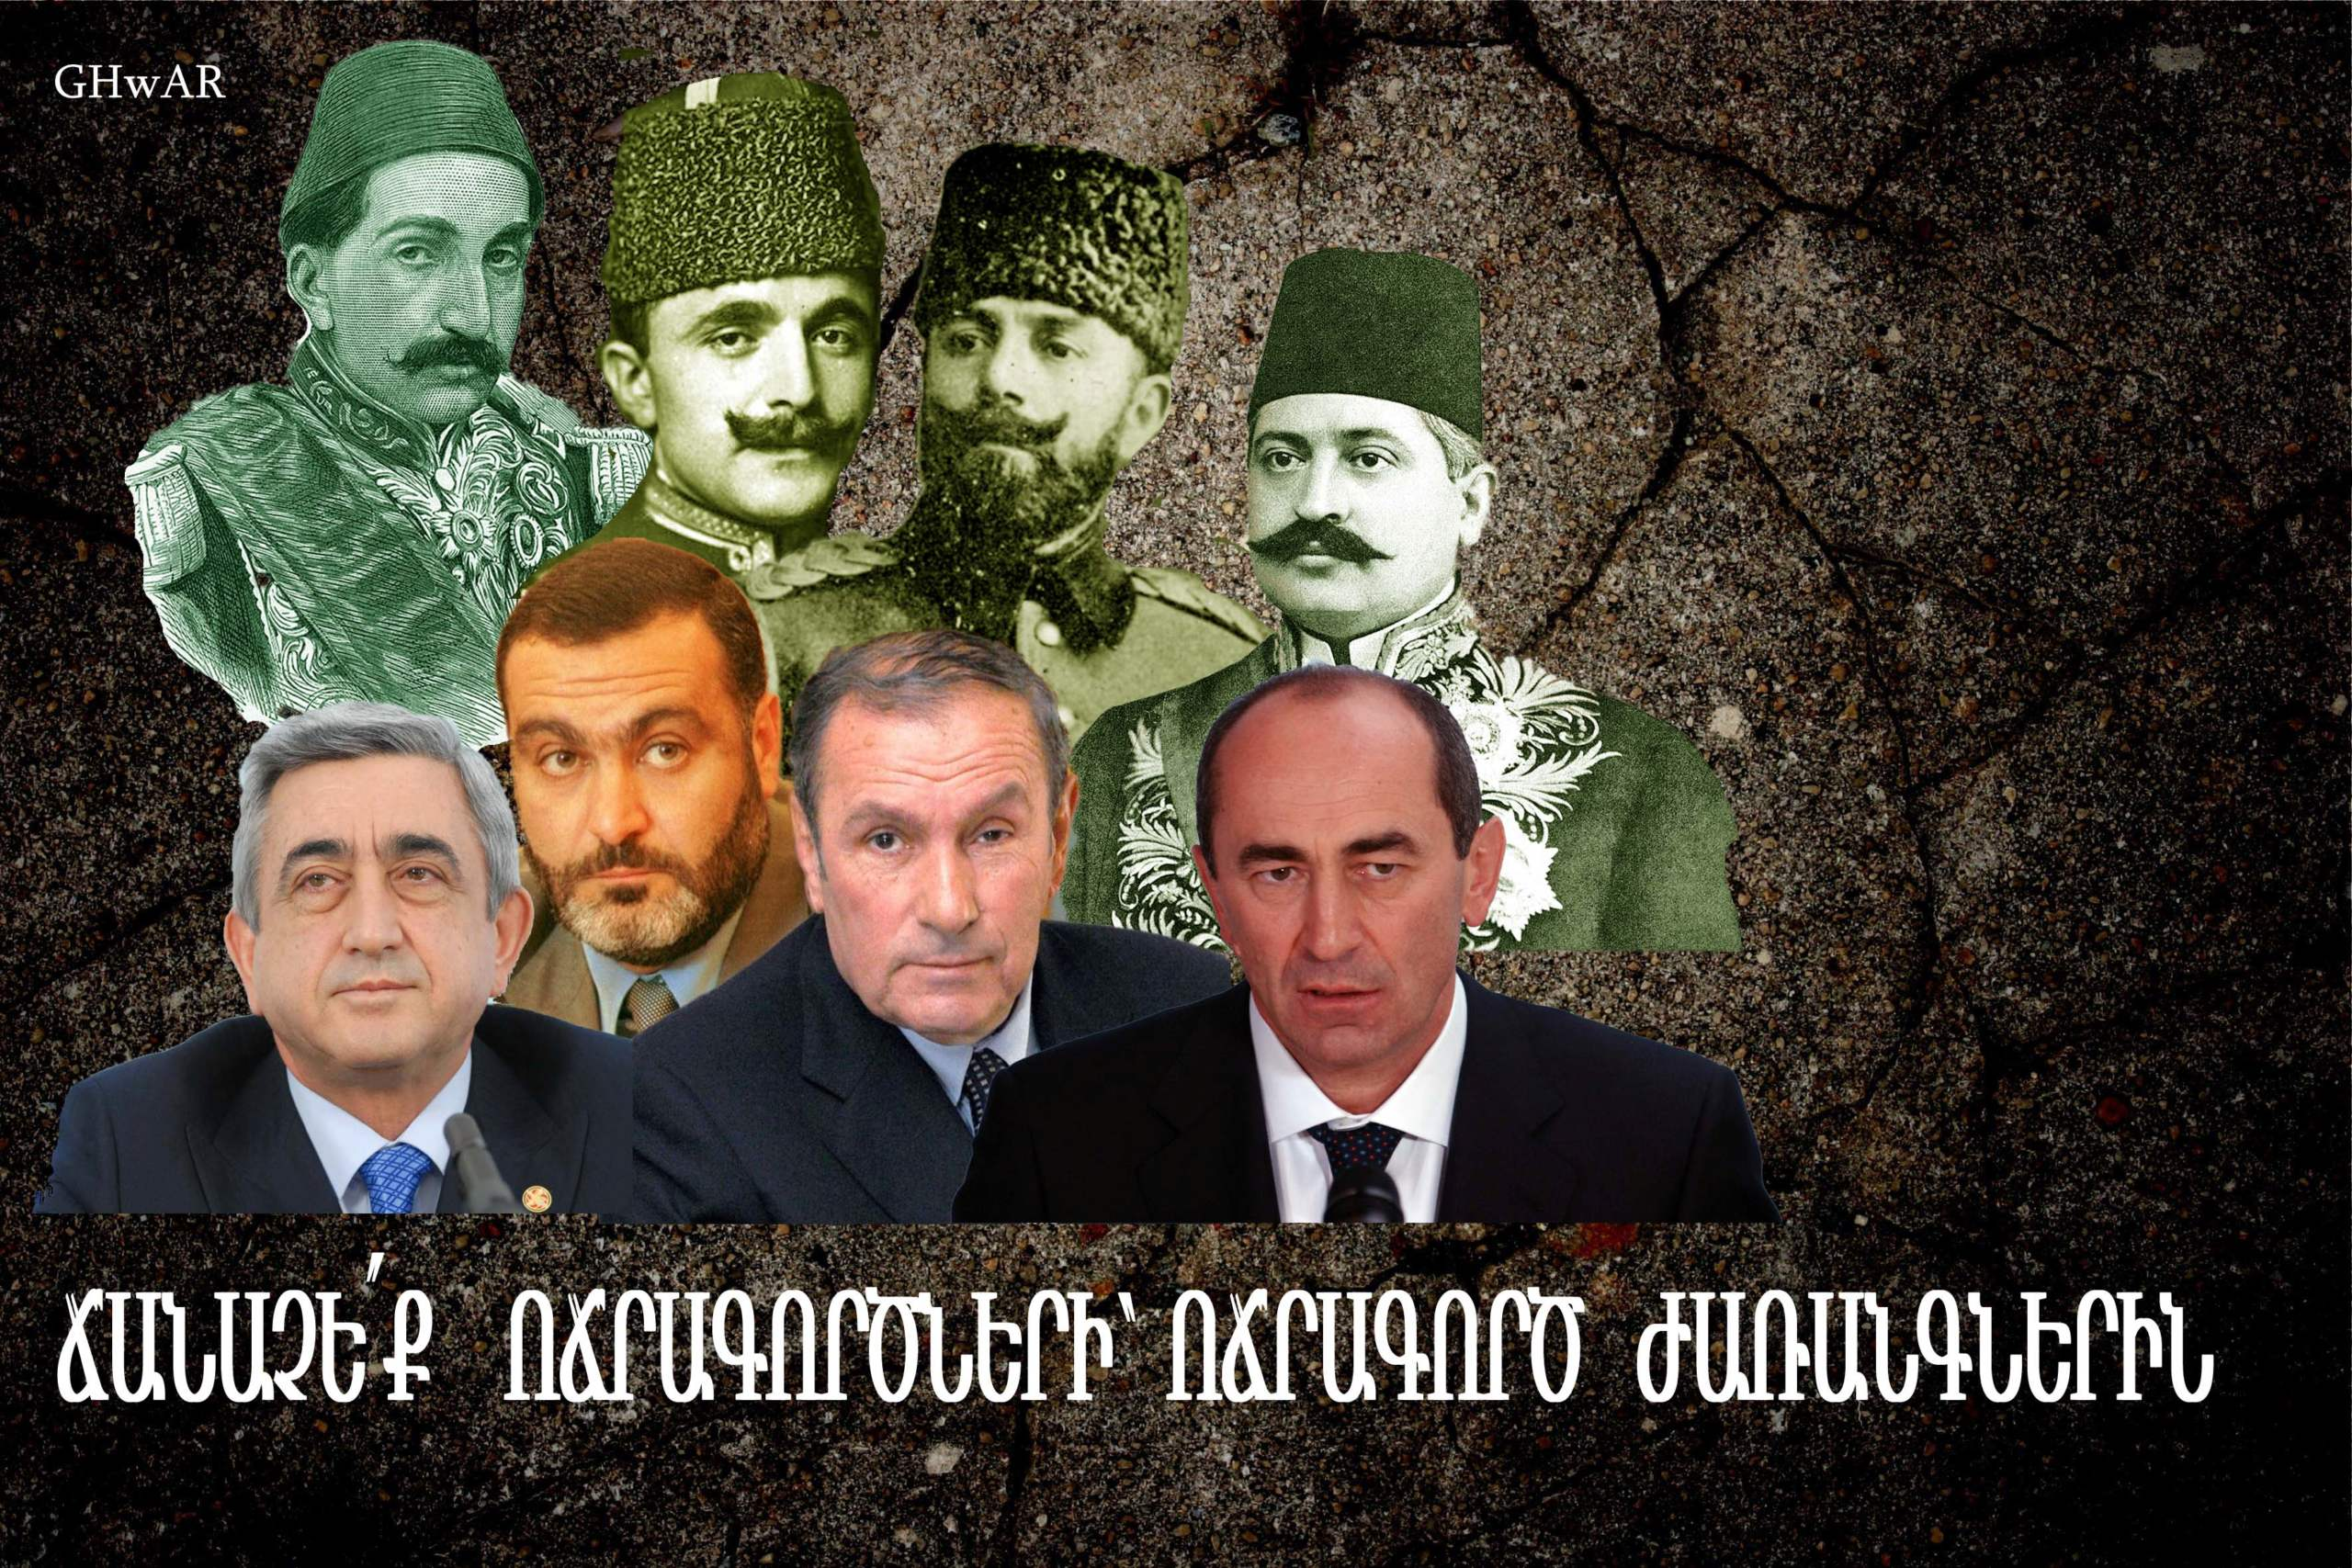 Իրավիճակը Հայաստանում   Ситуация в Армении - Страница 9 Araqel10